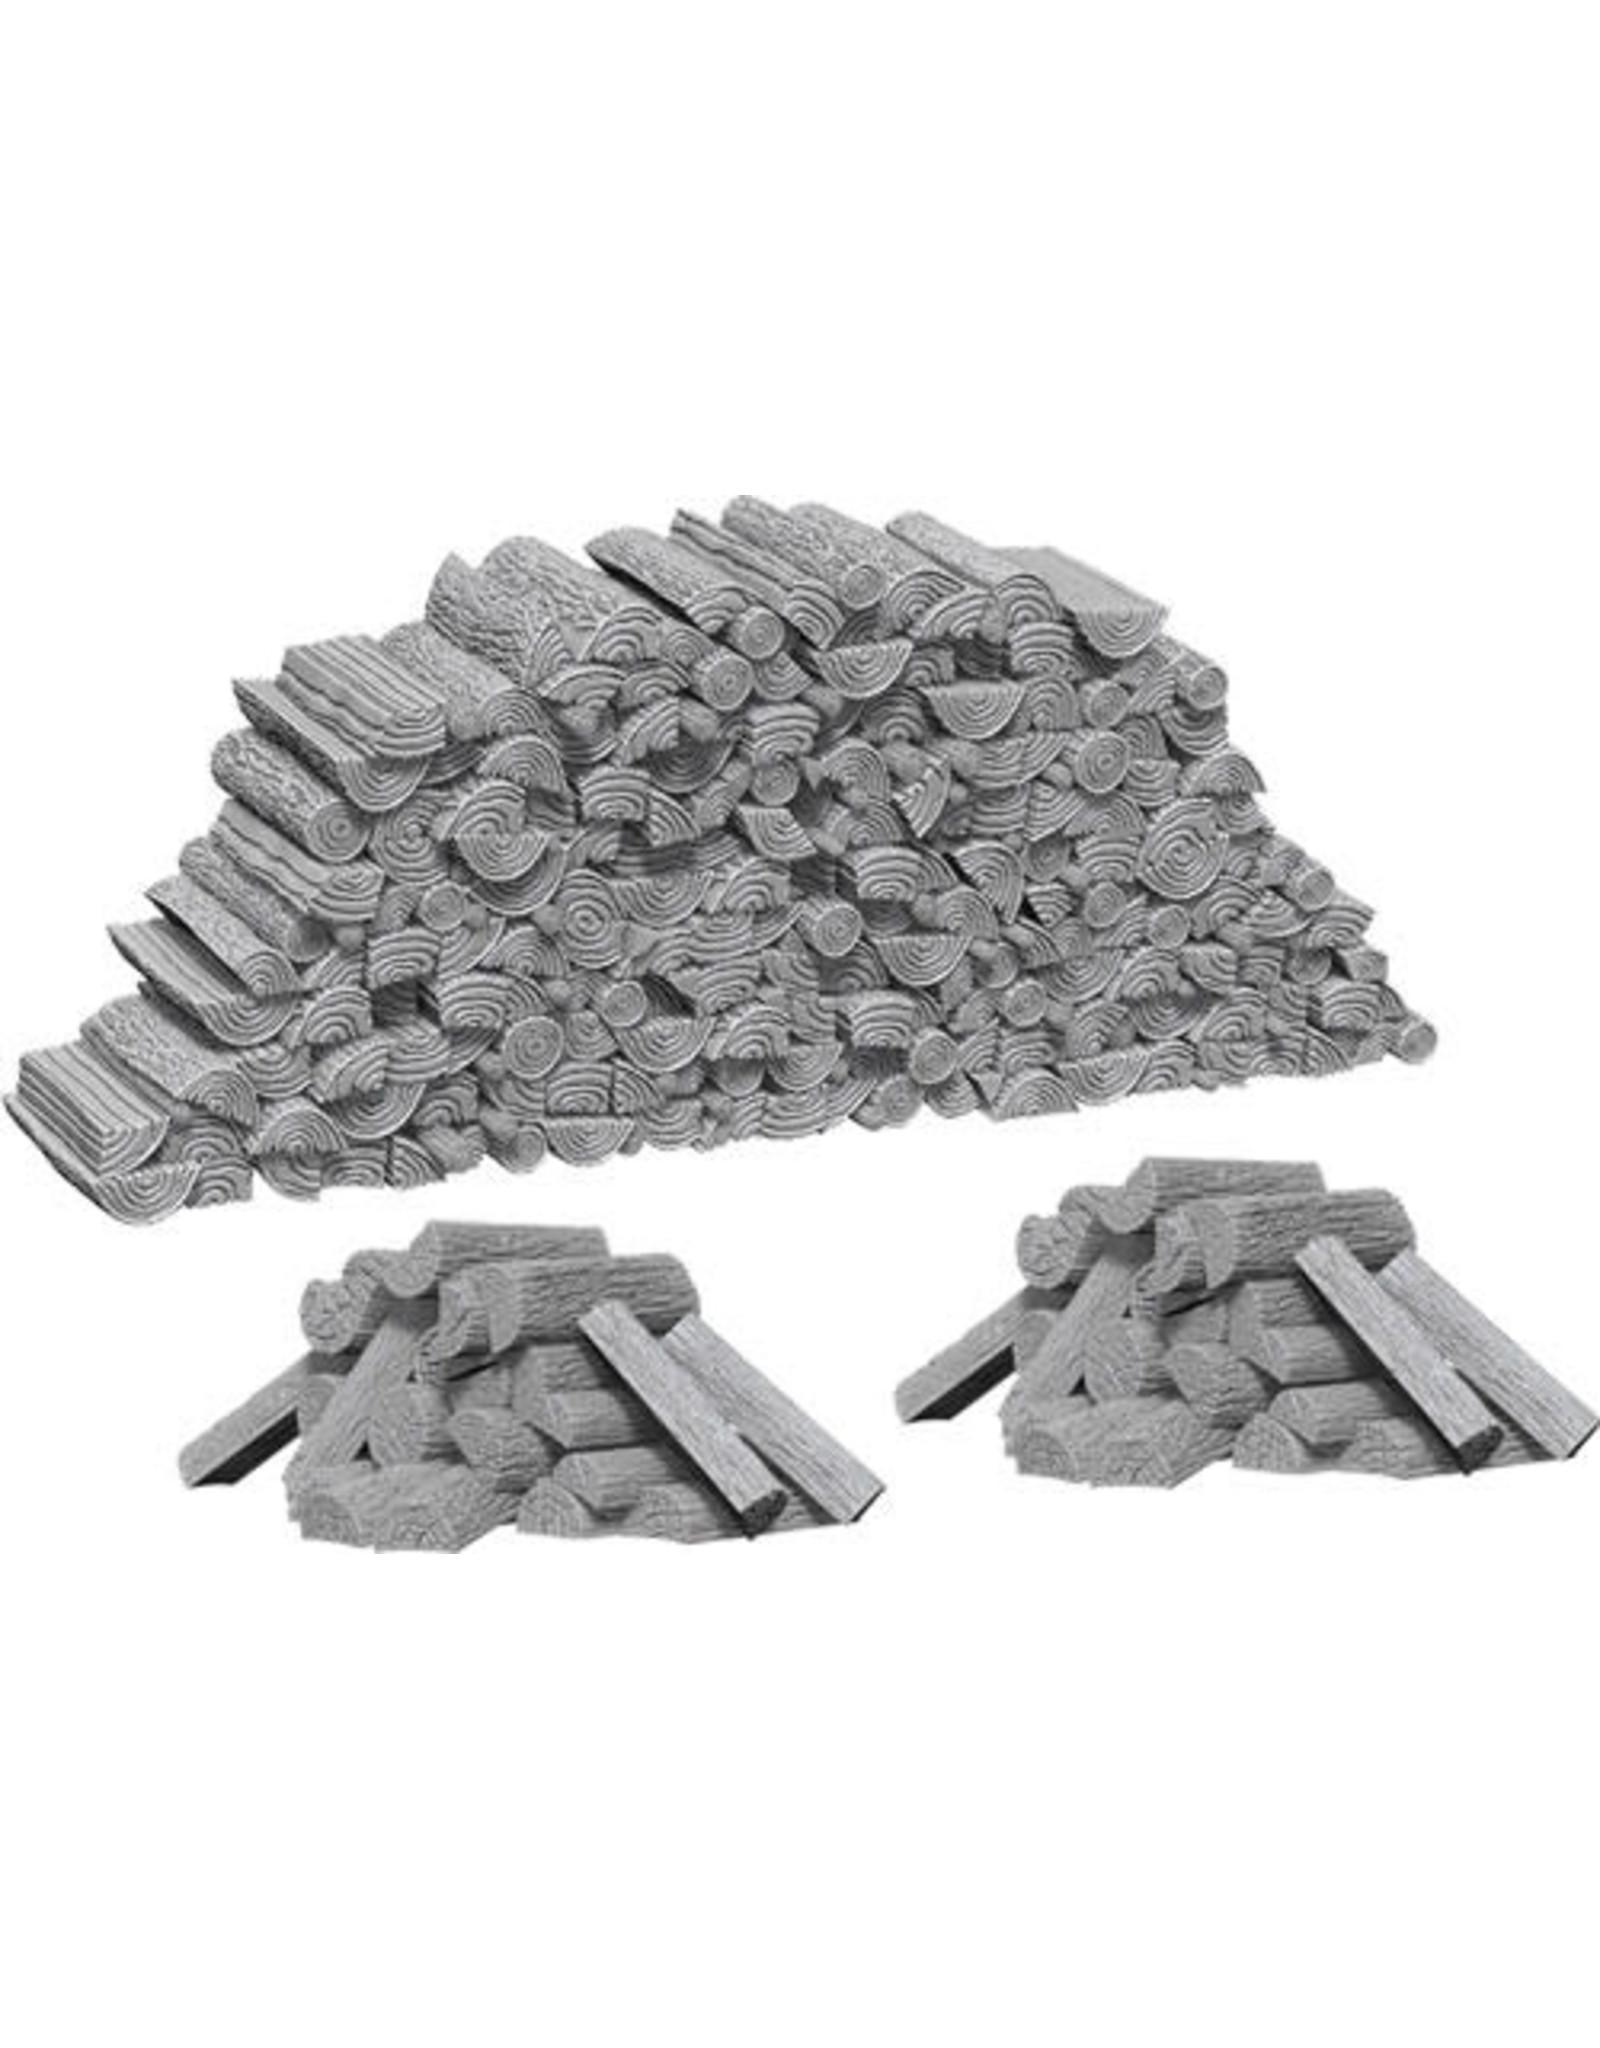 D&D Unpainted Minis: Piles of Wood (Wave 10)